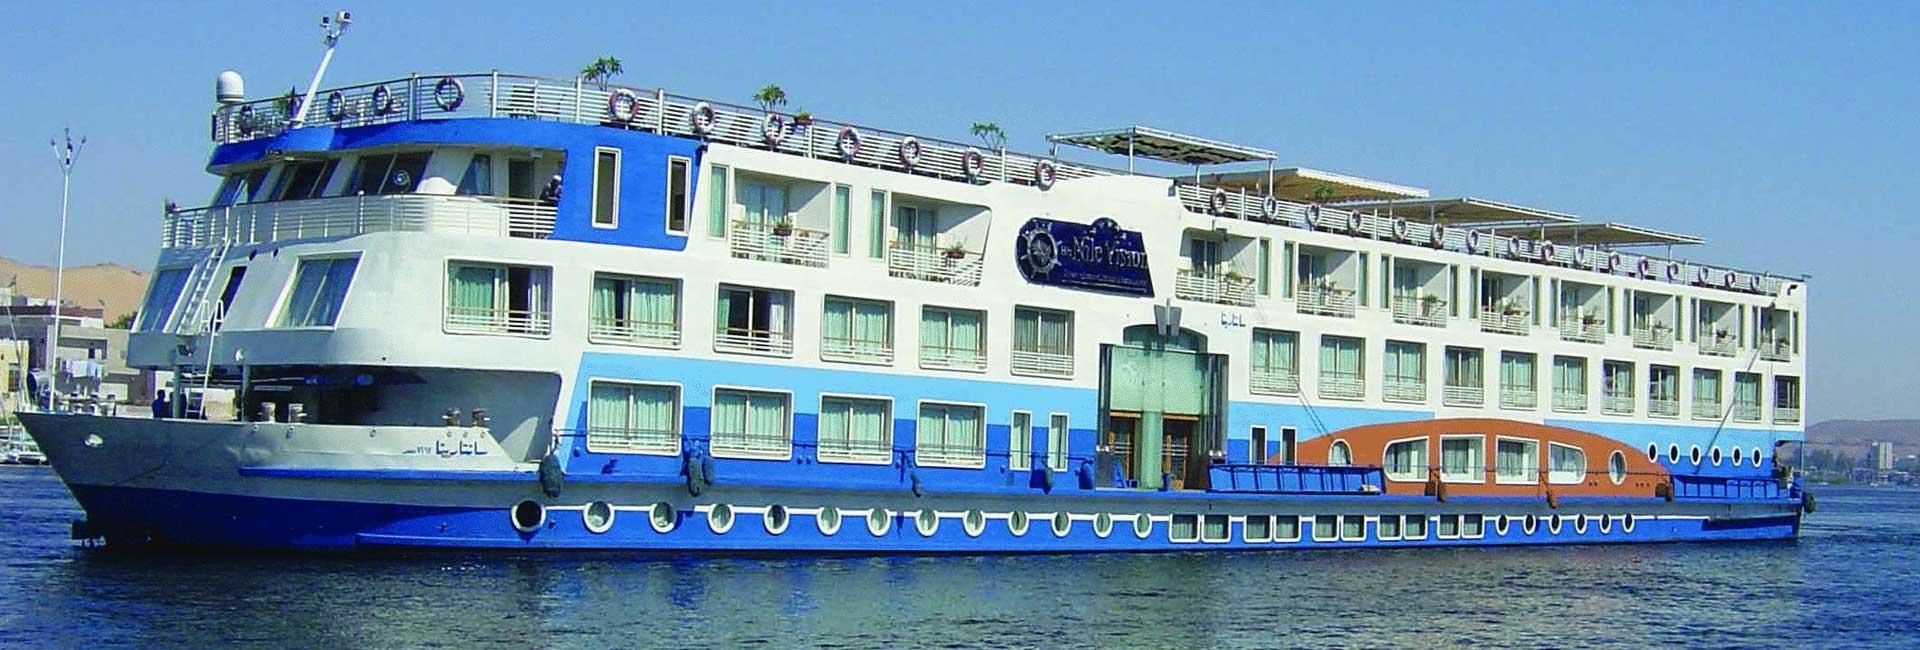 Egyptian Nile Cruise